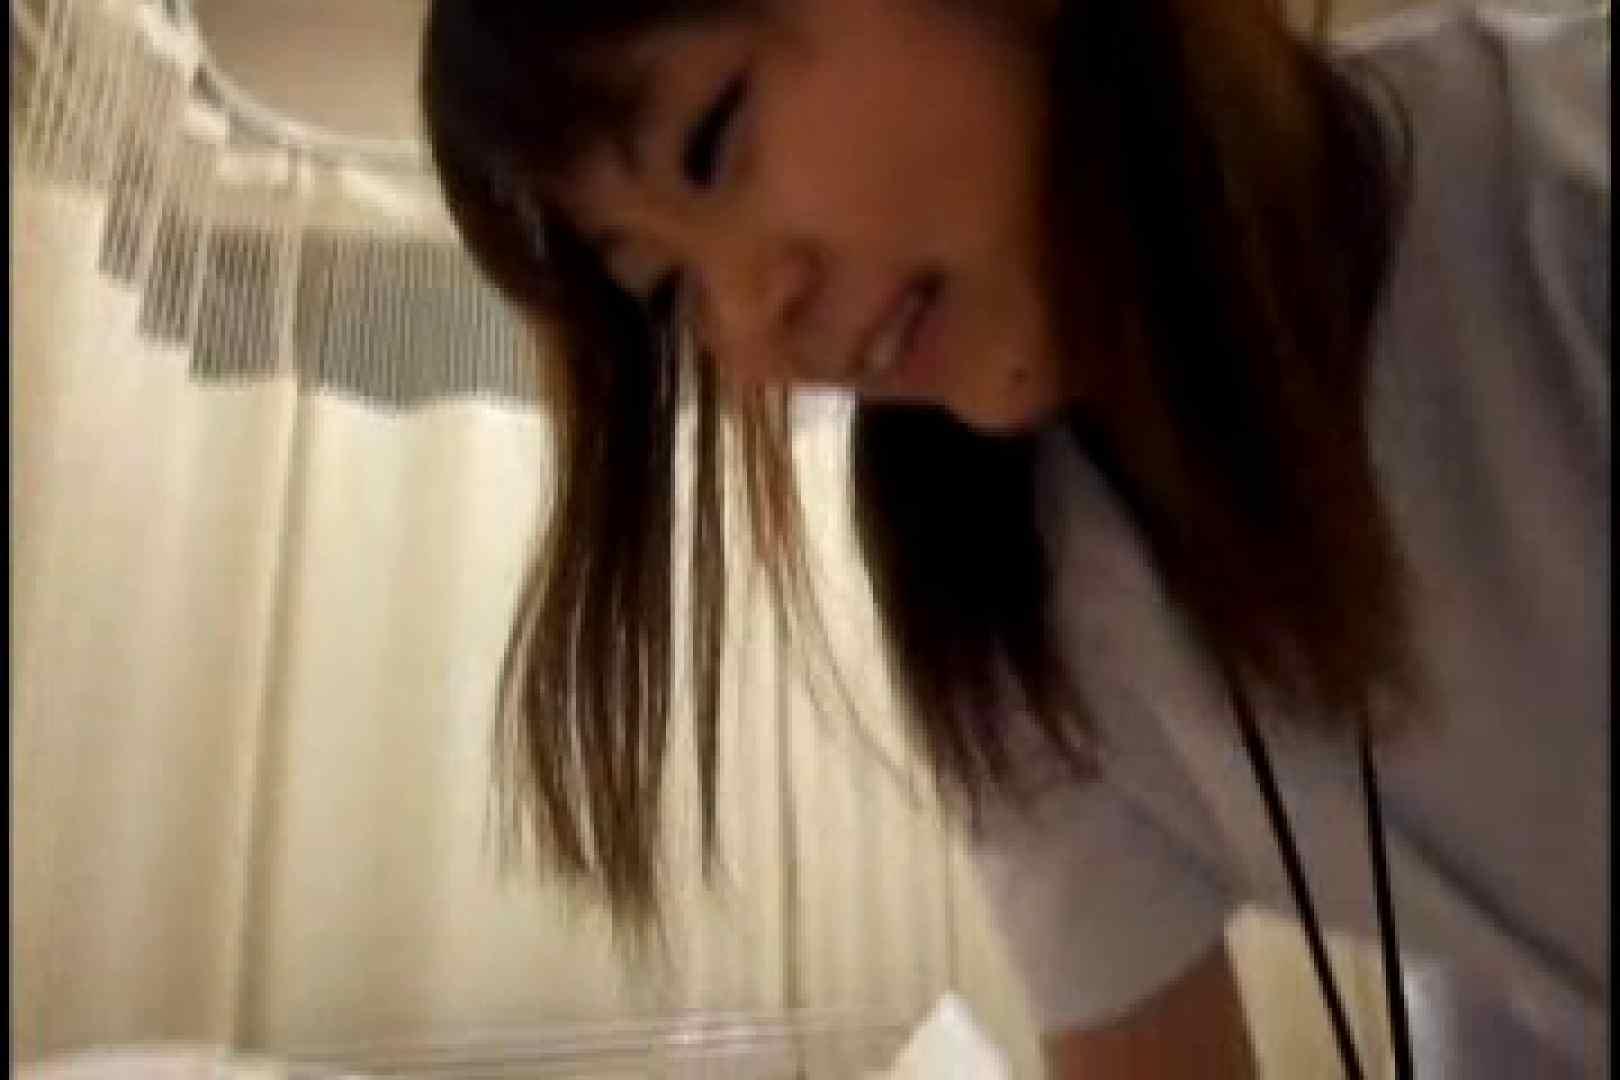 ヤリマンと呼ばれた看護士さんvol1 シックスナイン  98pic 57